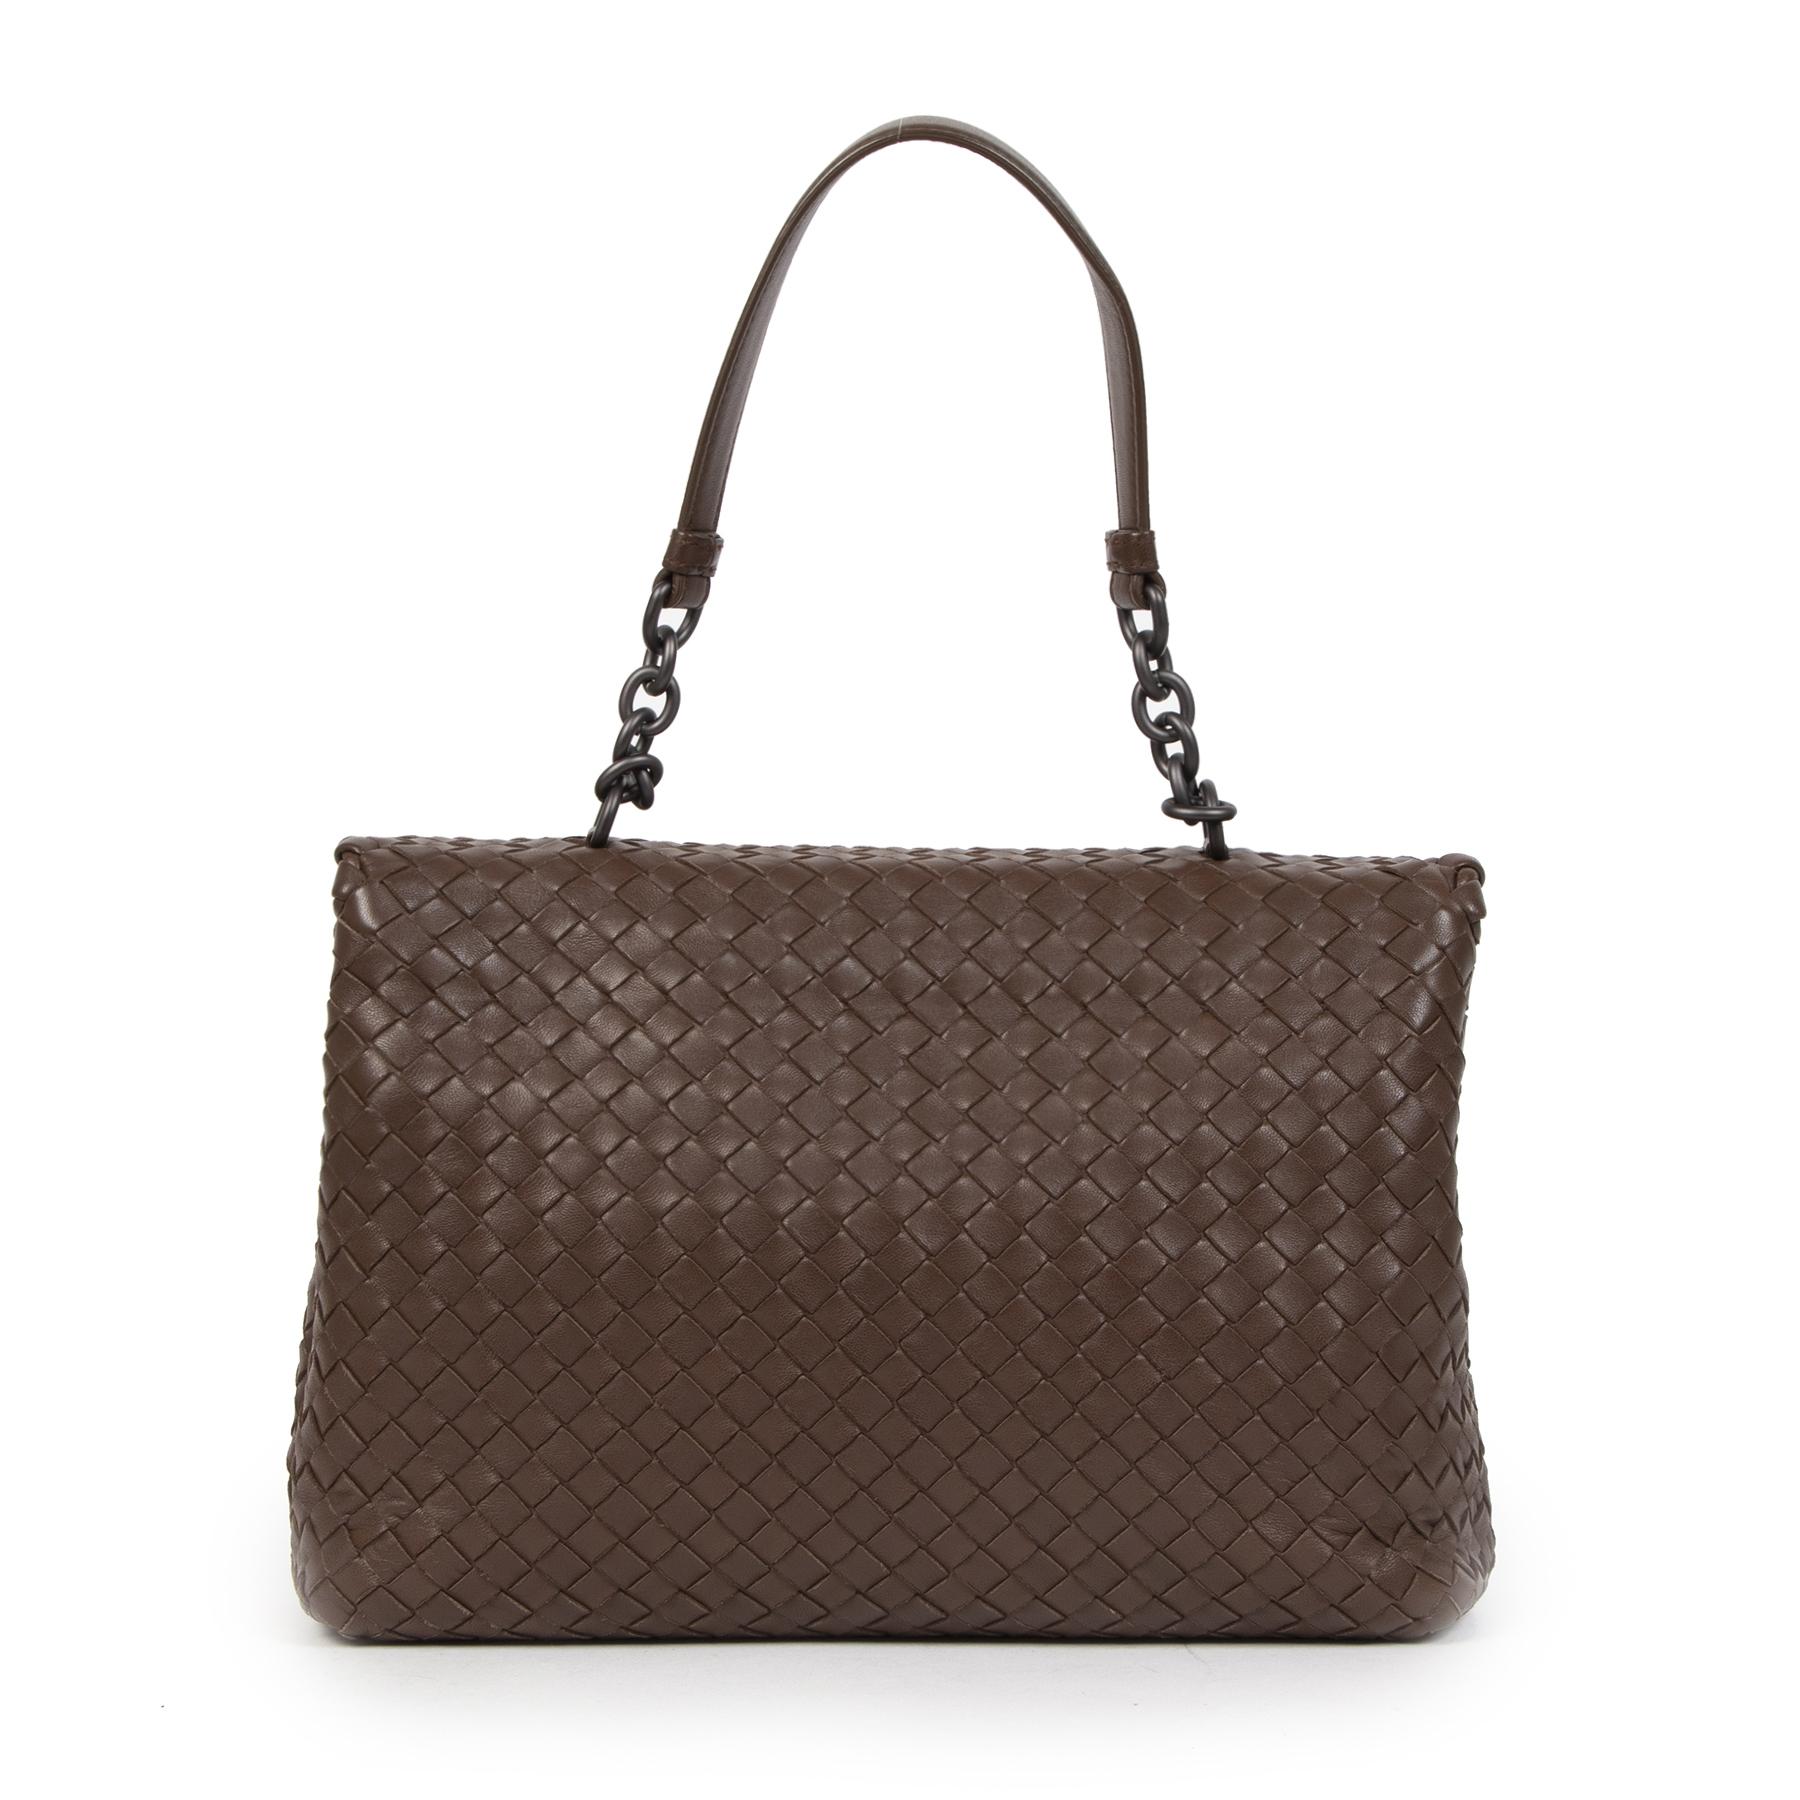 Koop authentieke tweedehands tassen van Bottega Veneta Bij LabelLOV Antwerpen. Winkel veilig en zeker online bij LabelLOV.